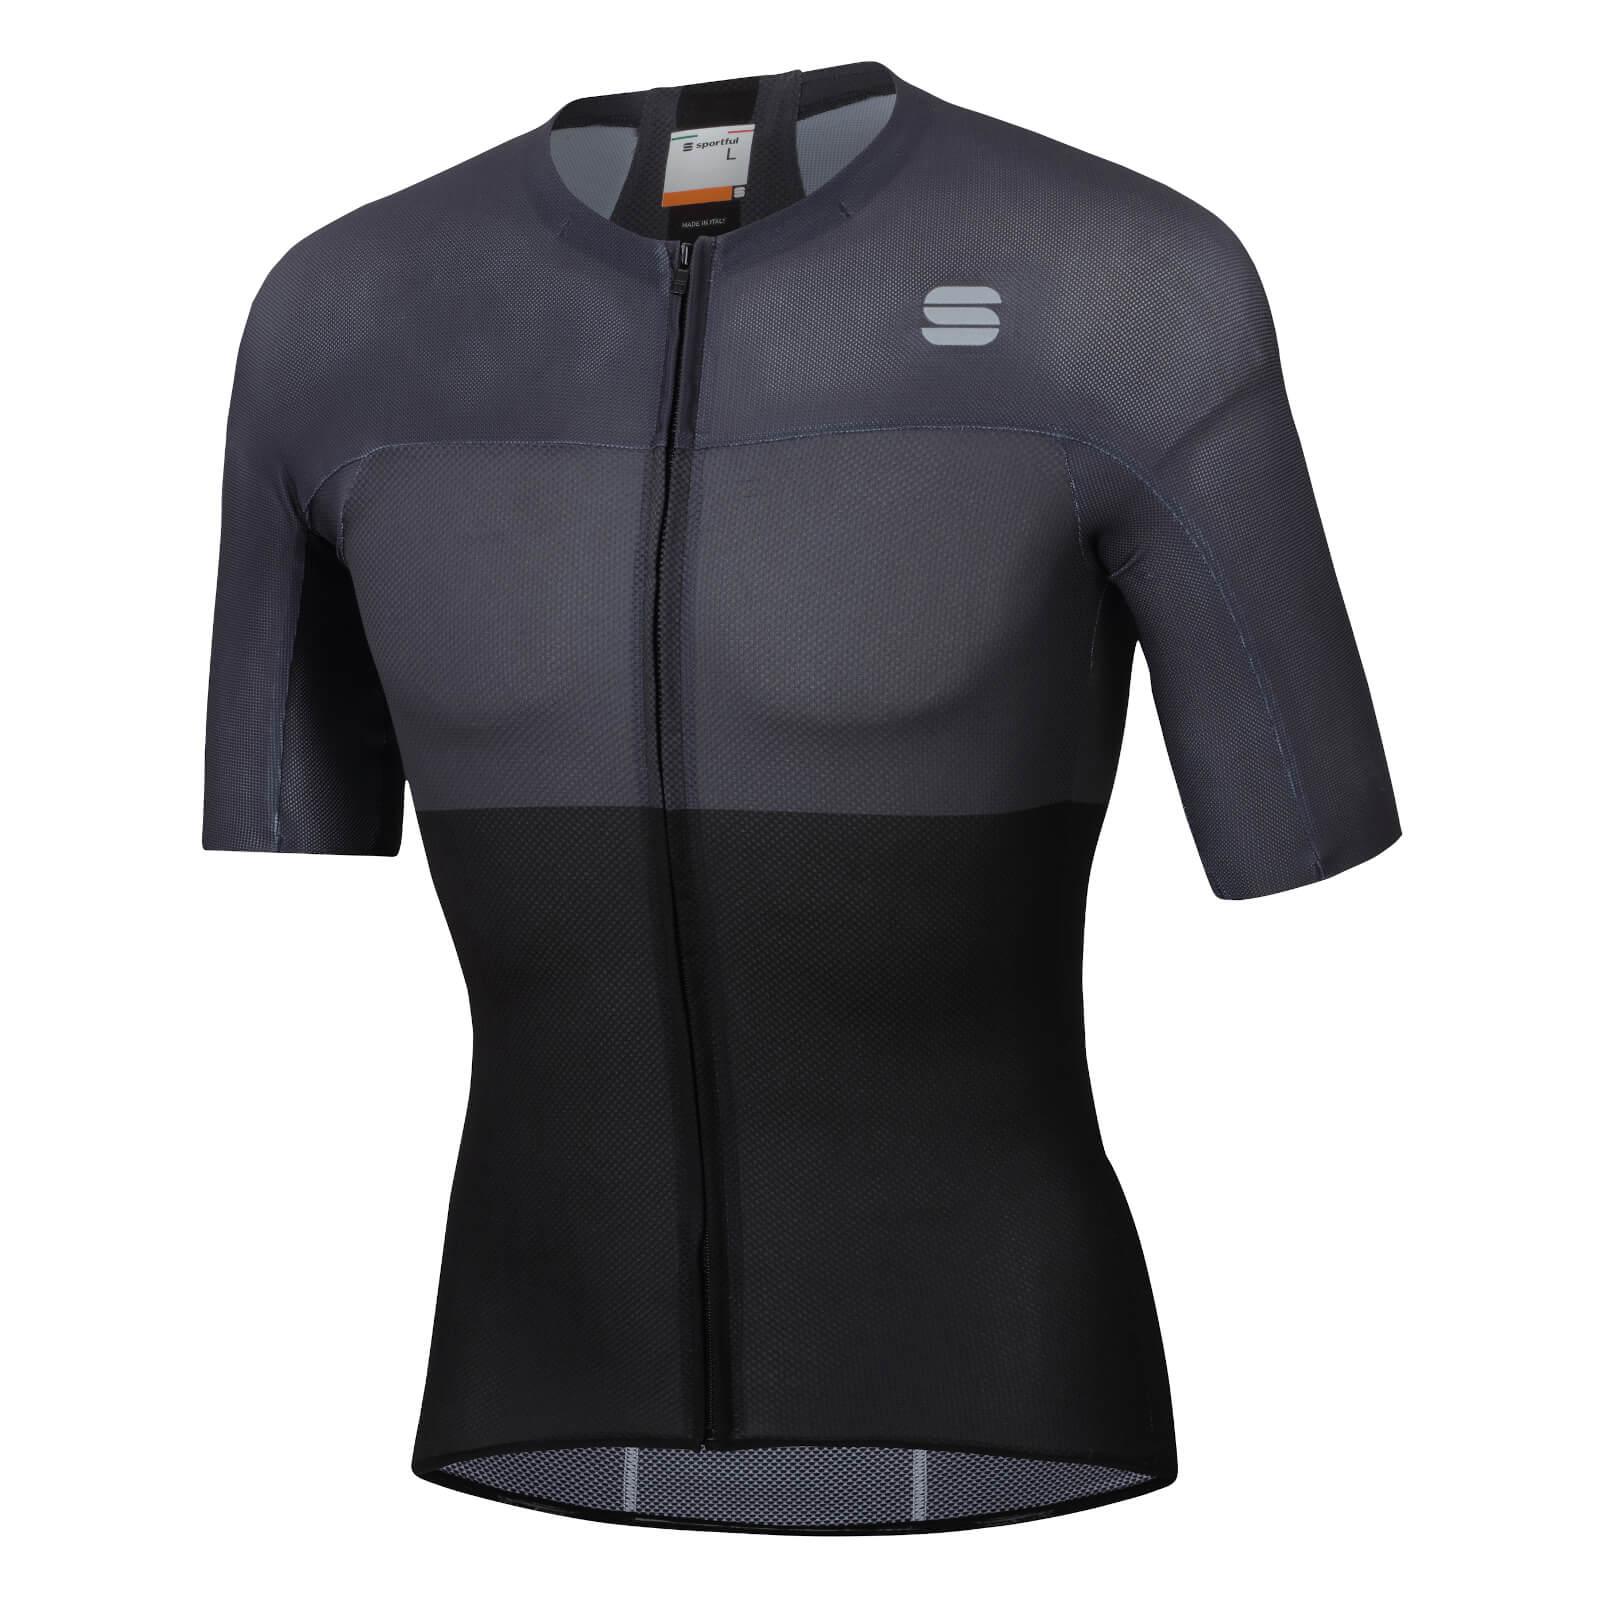 Sportful BodyFit Pro Light Jersey - XL - Black/Anthracite